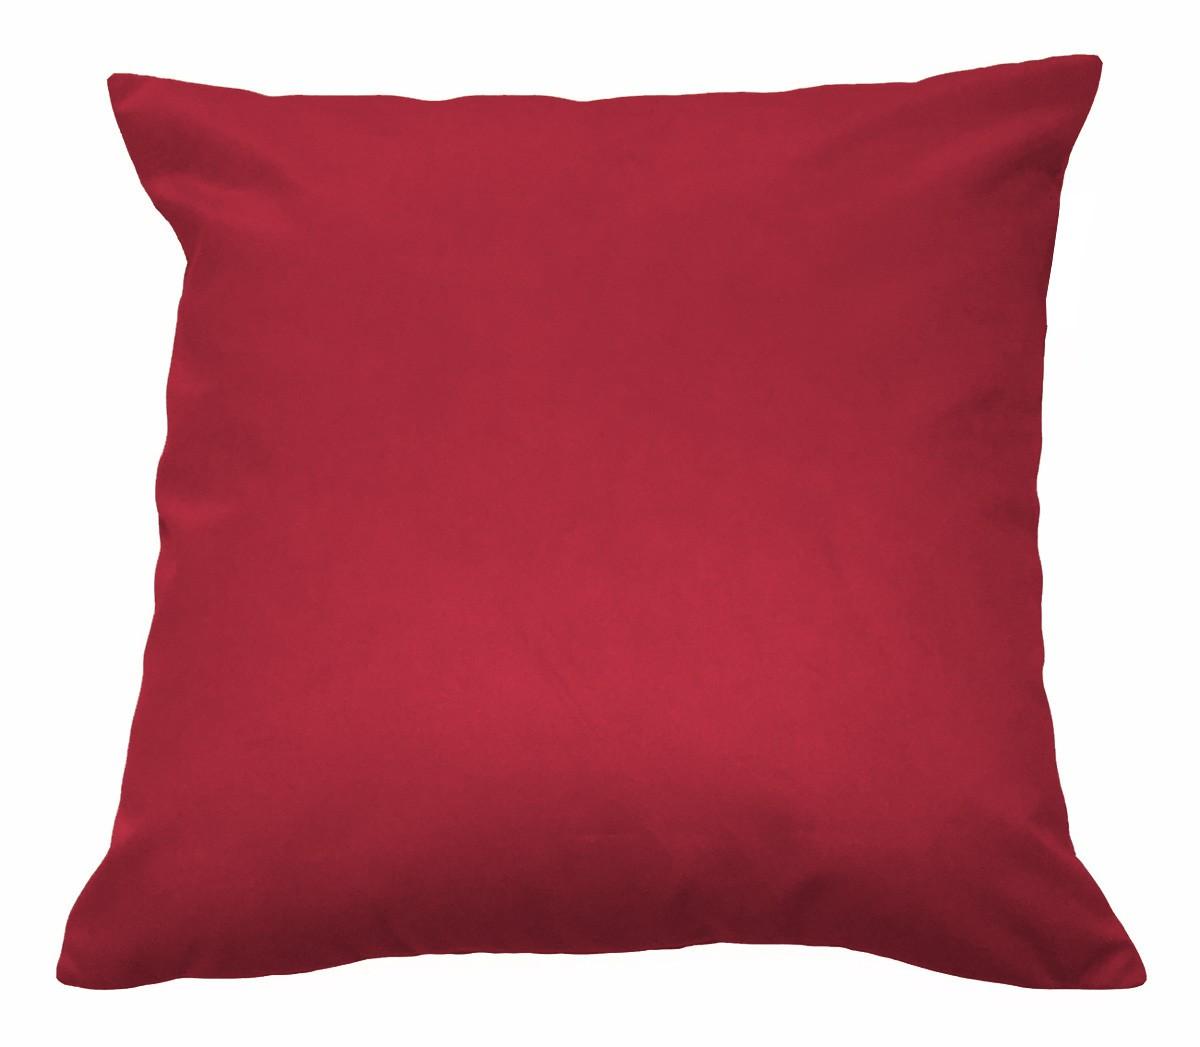 Kit 2 Almofadas Decorativas 40x40 Tecido Suede Vermelho